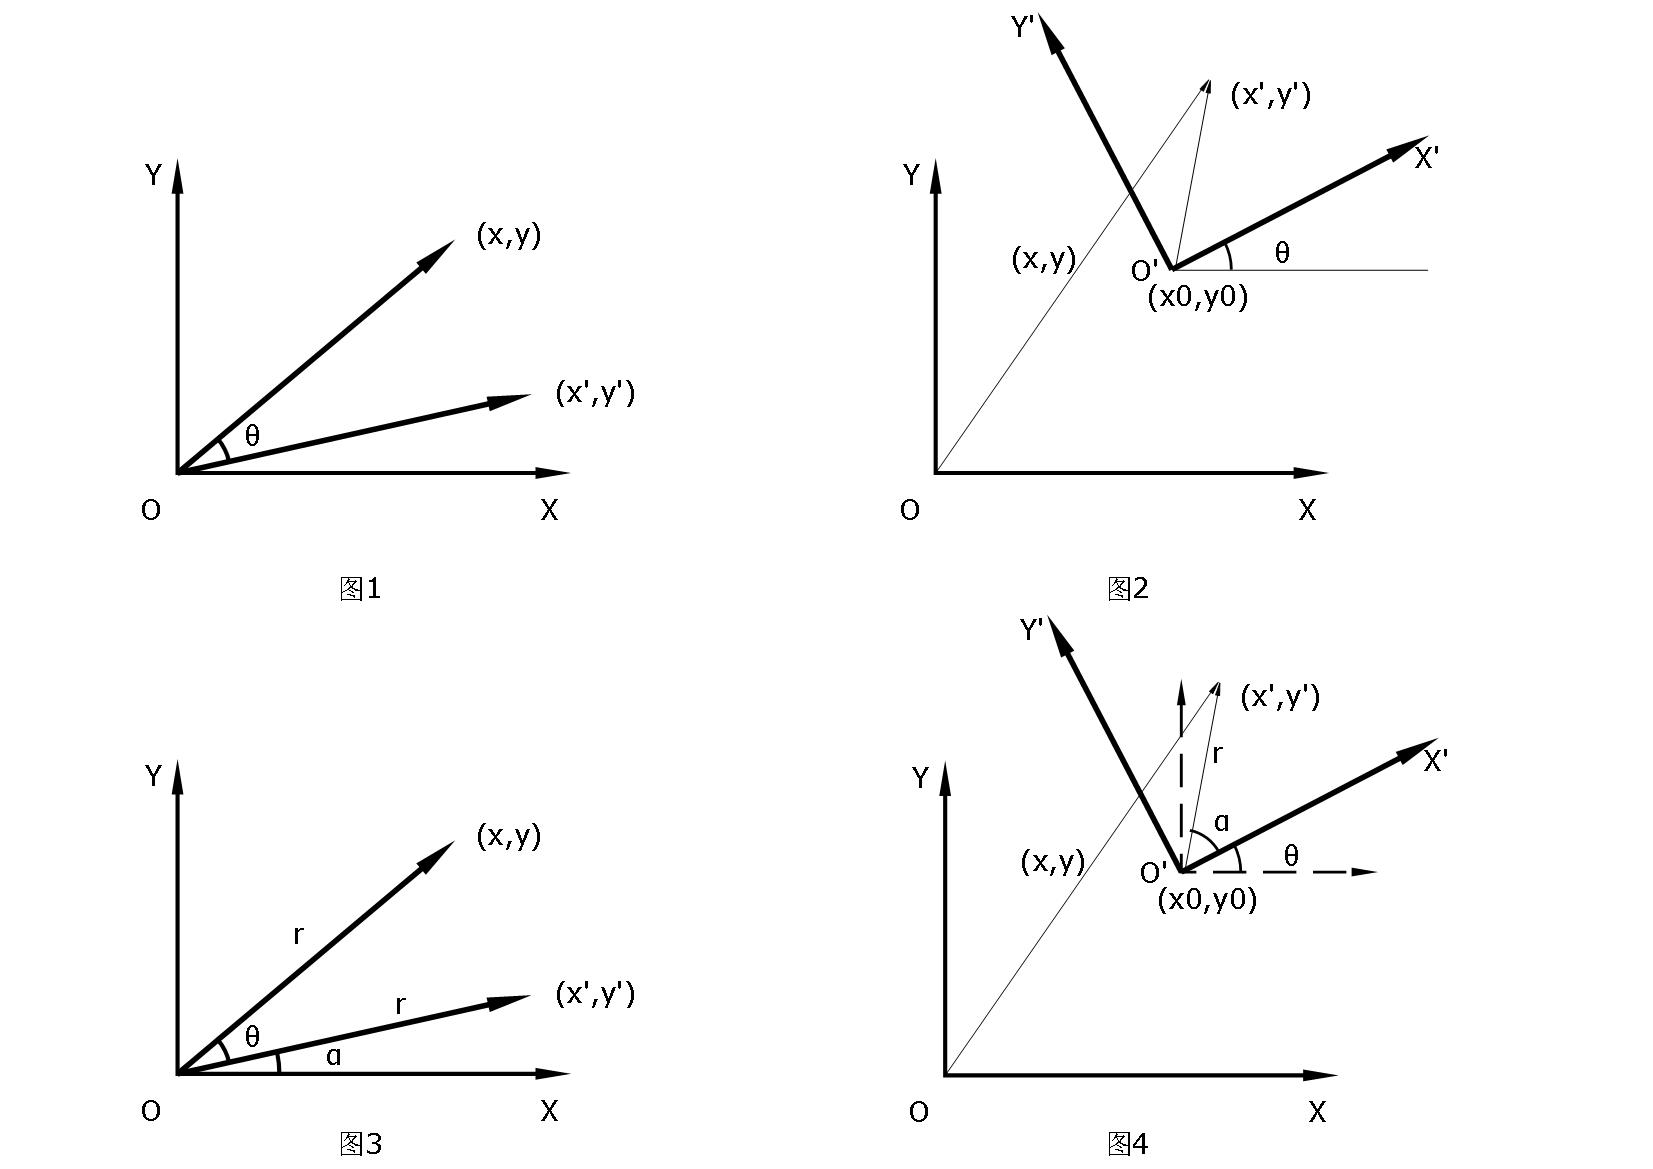 图像仿射变换后的坐标求解